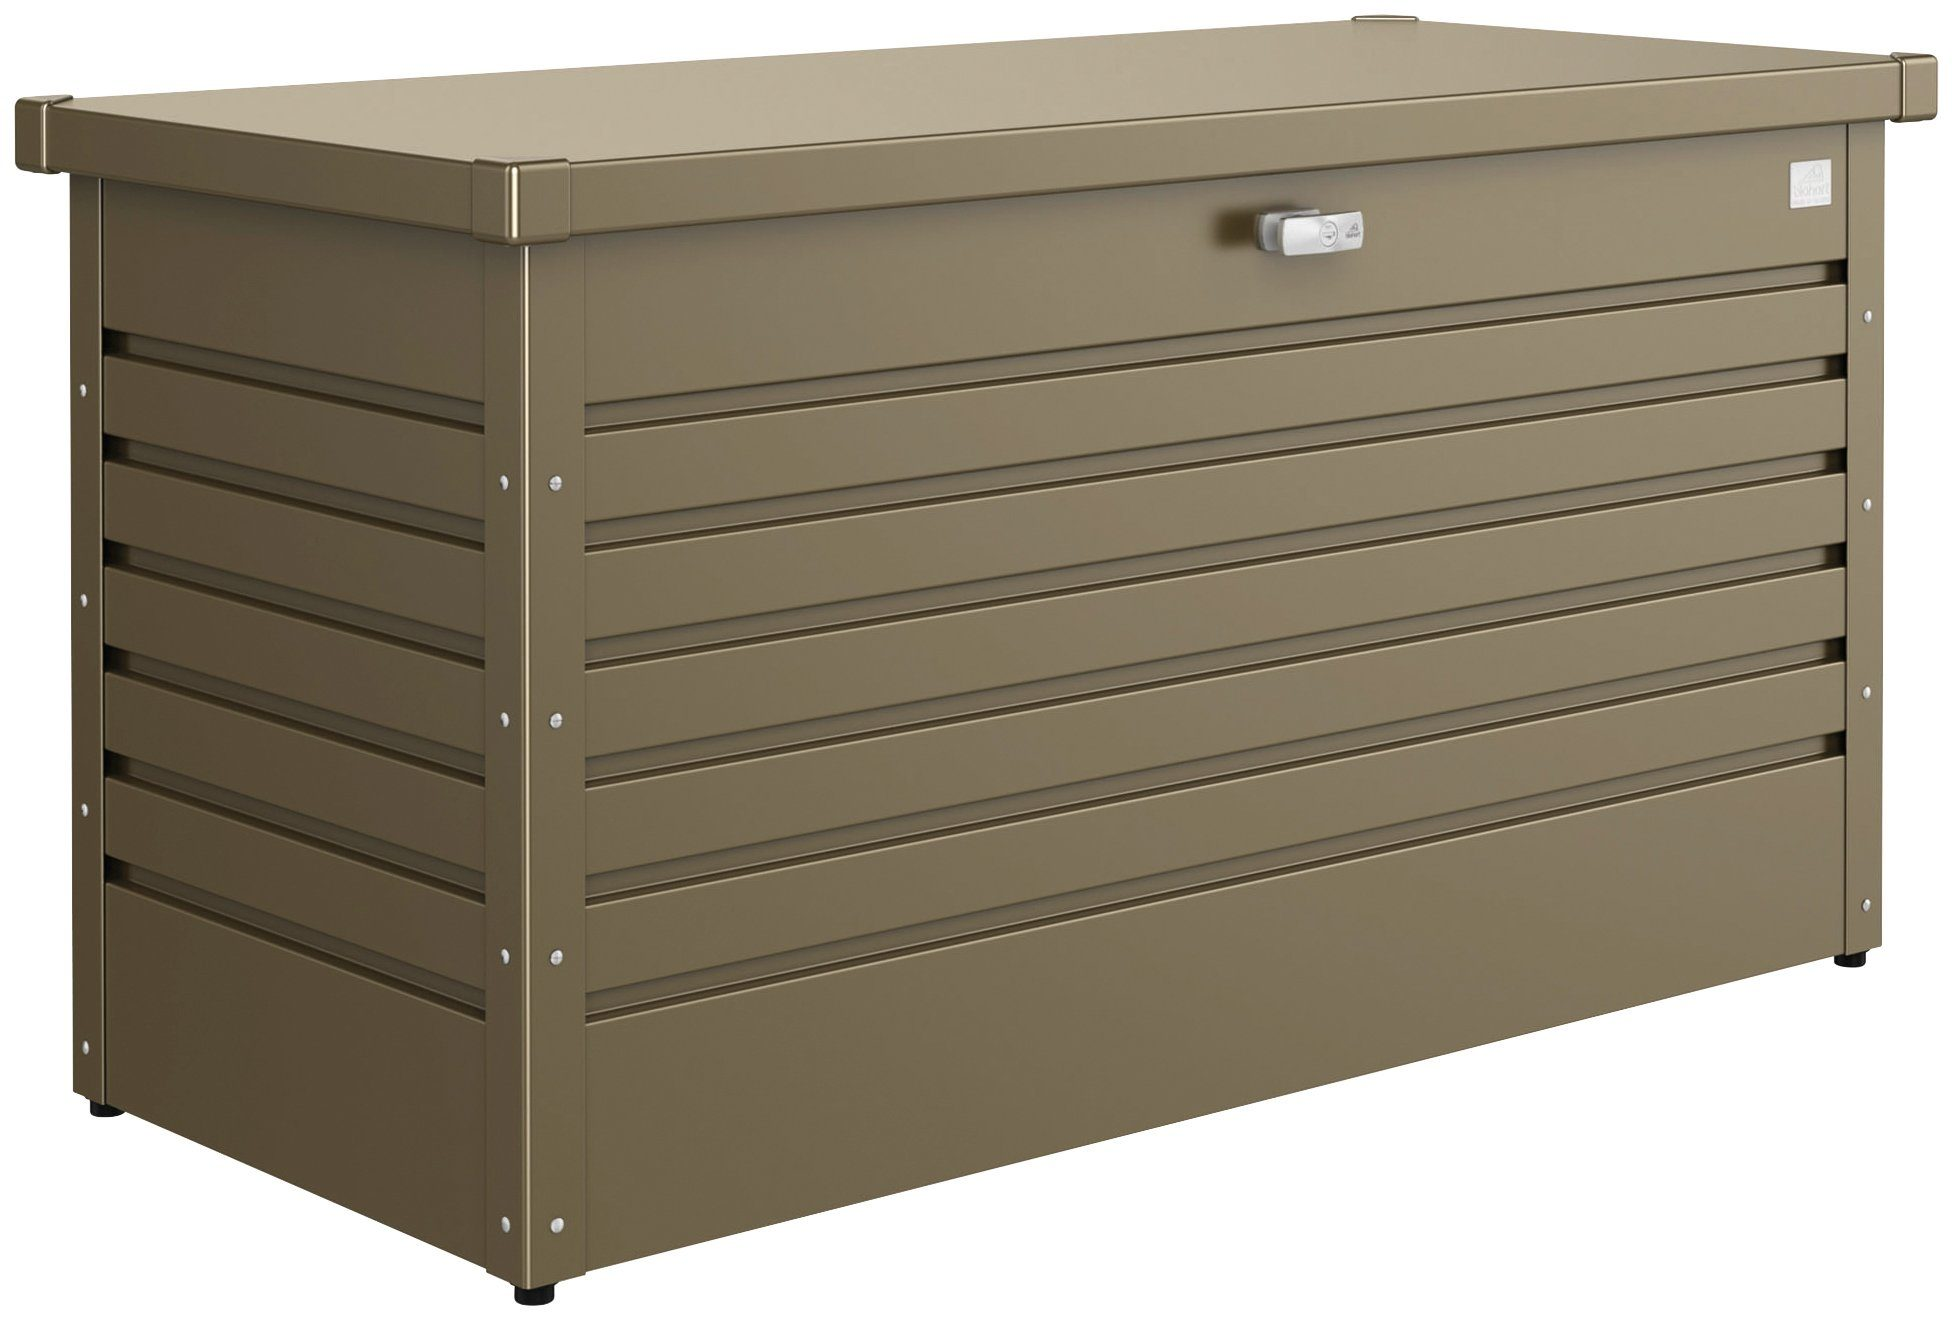 Biohort Aufbewahrungsbox »Freizeitbox 130«, B/T/H: 134/62/71 cm, bronzefarben metallic